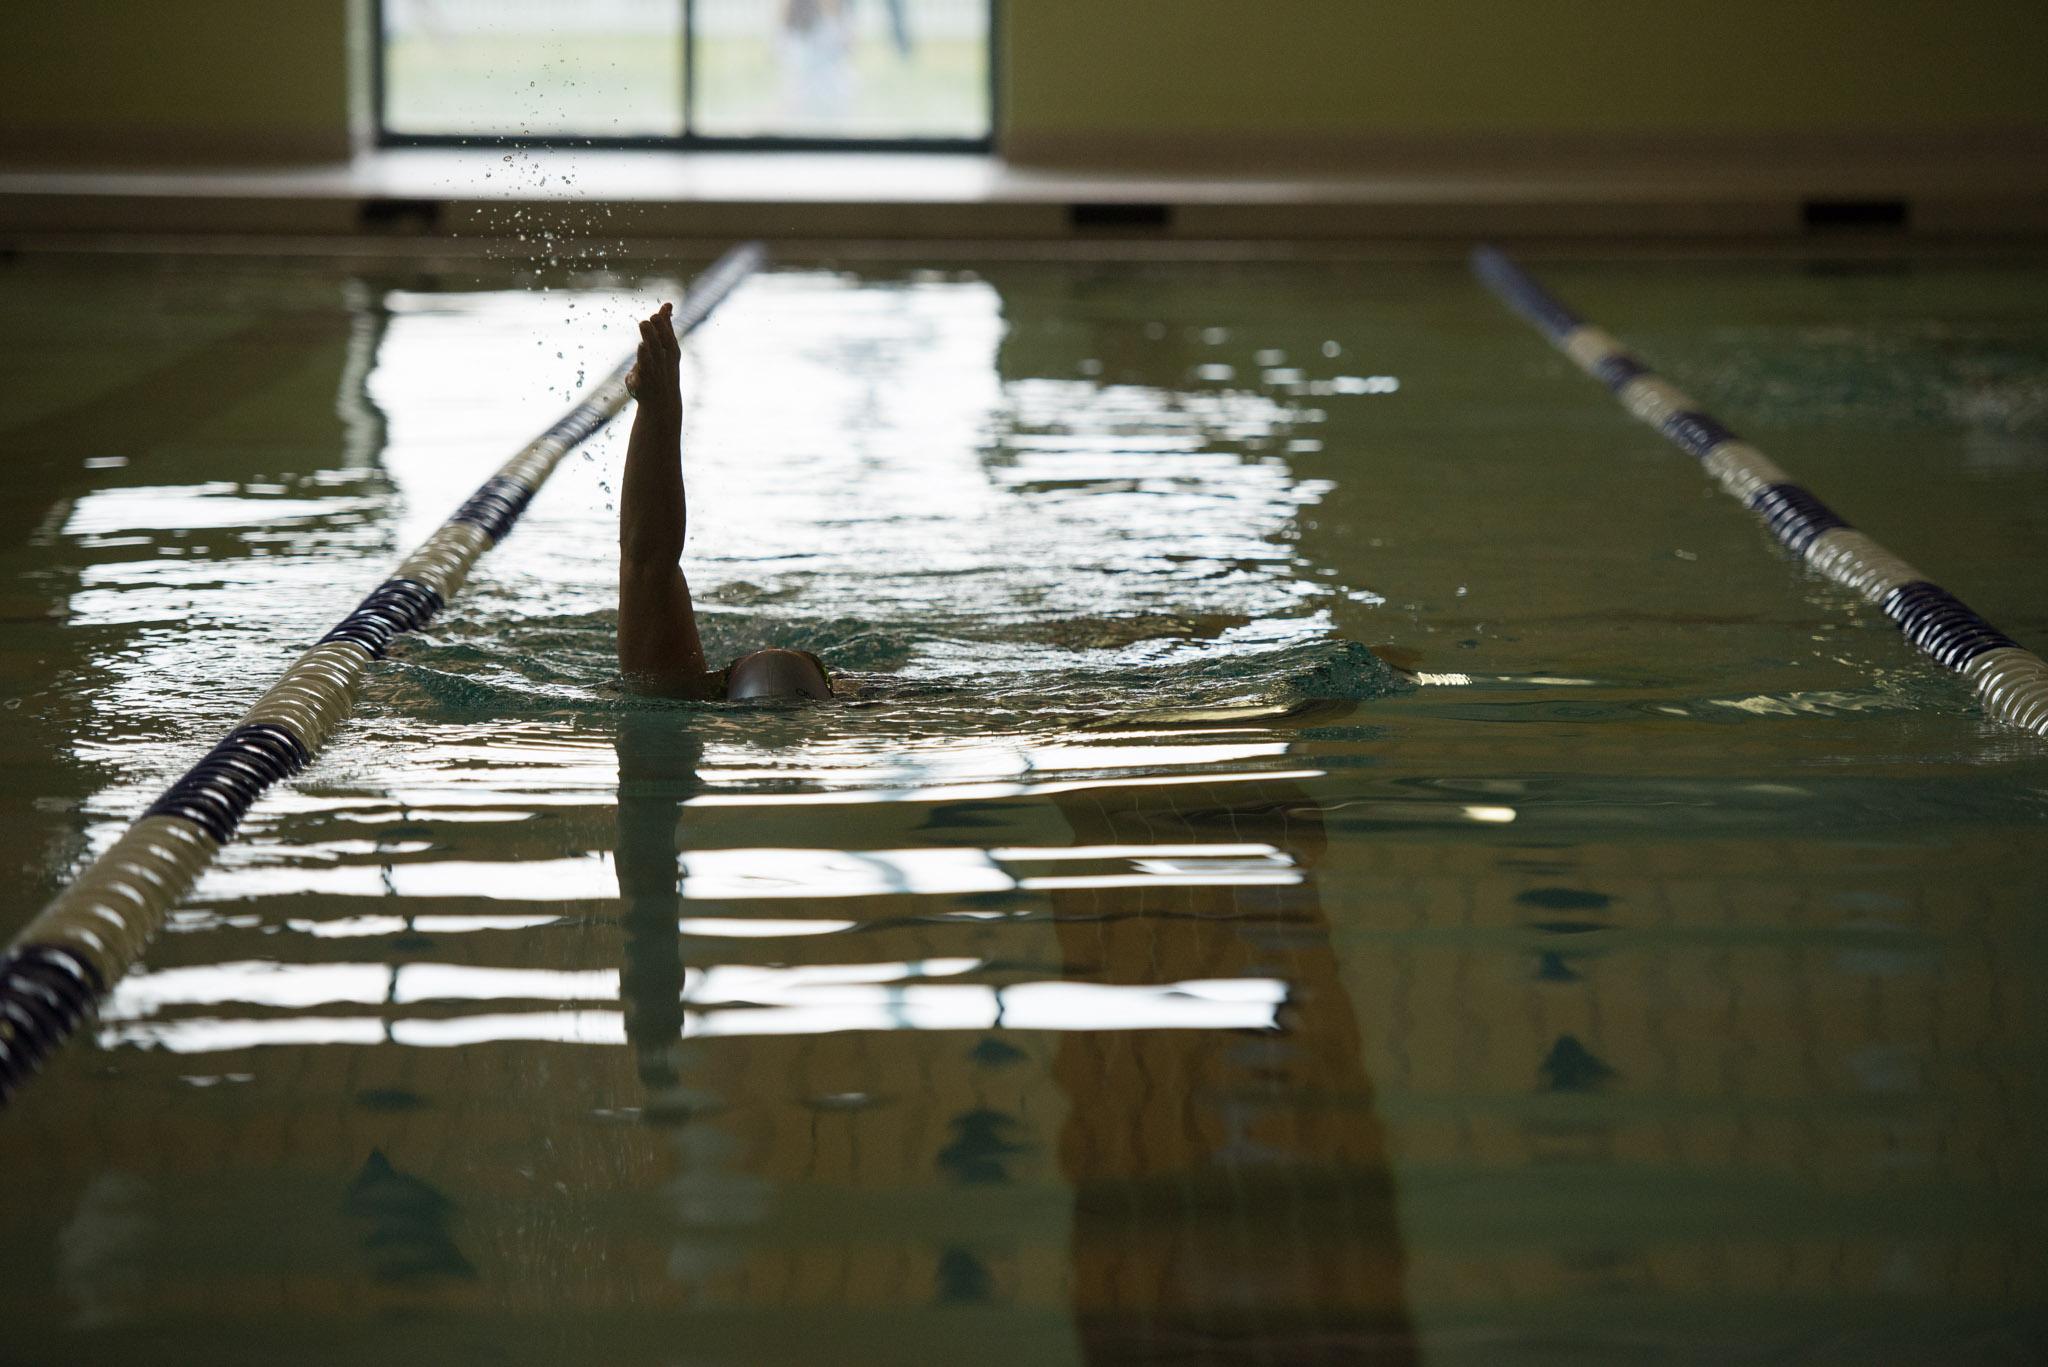 Wellness Center Stock Photos-1220.jpg